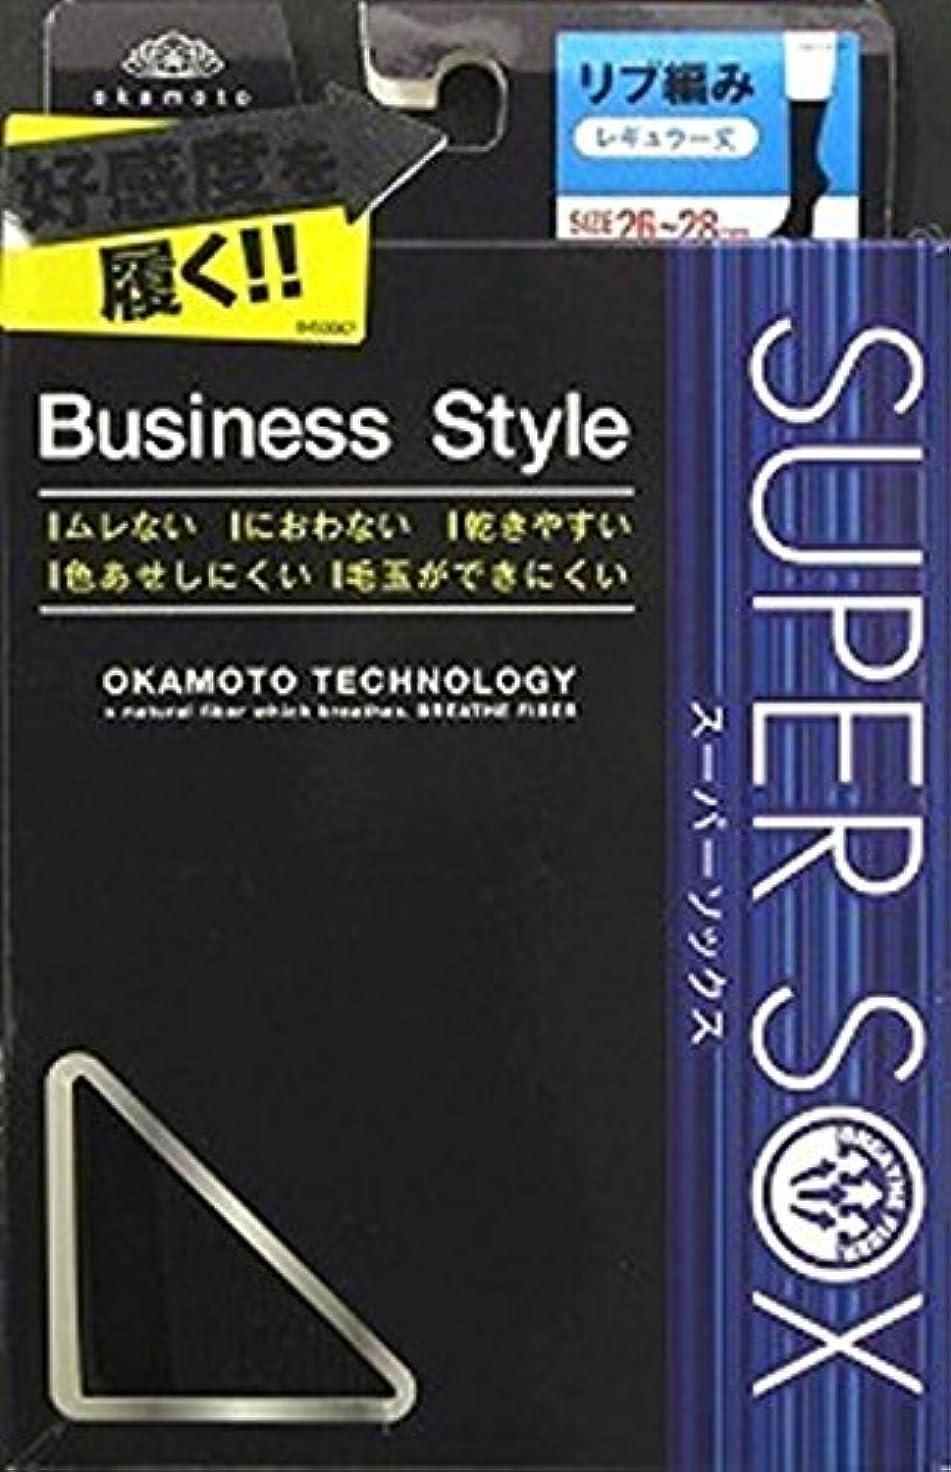 実装する上に同意する岡本 SUPER SOX リブ大 ブラック 26-28cm